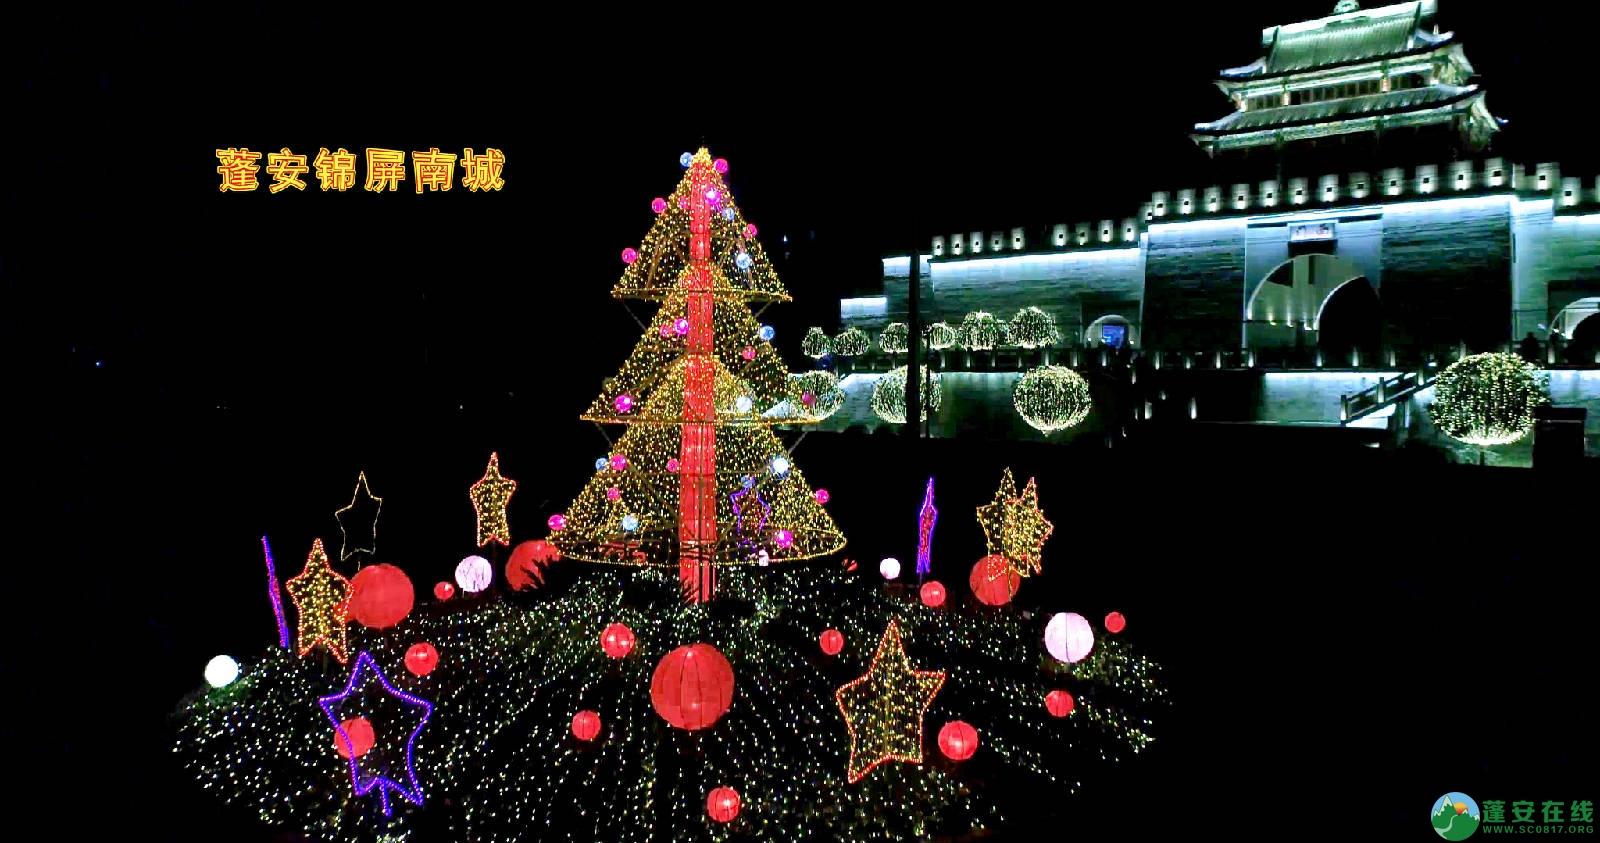 临近春节的蓬安夜色 - 第1张  | 蓬安在线